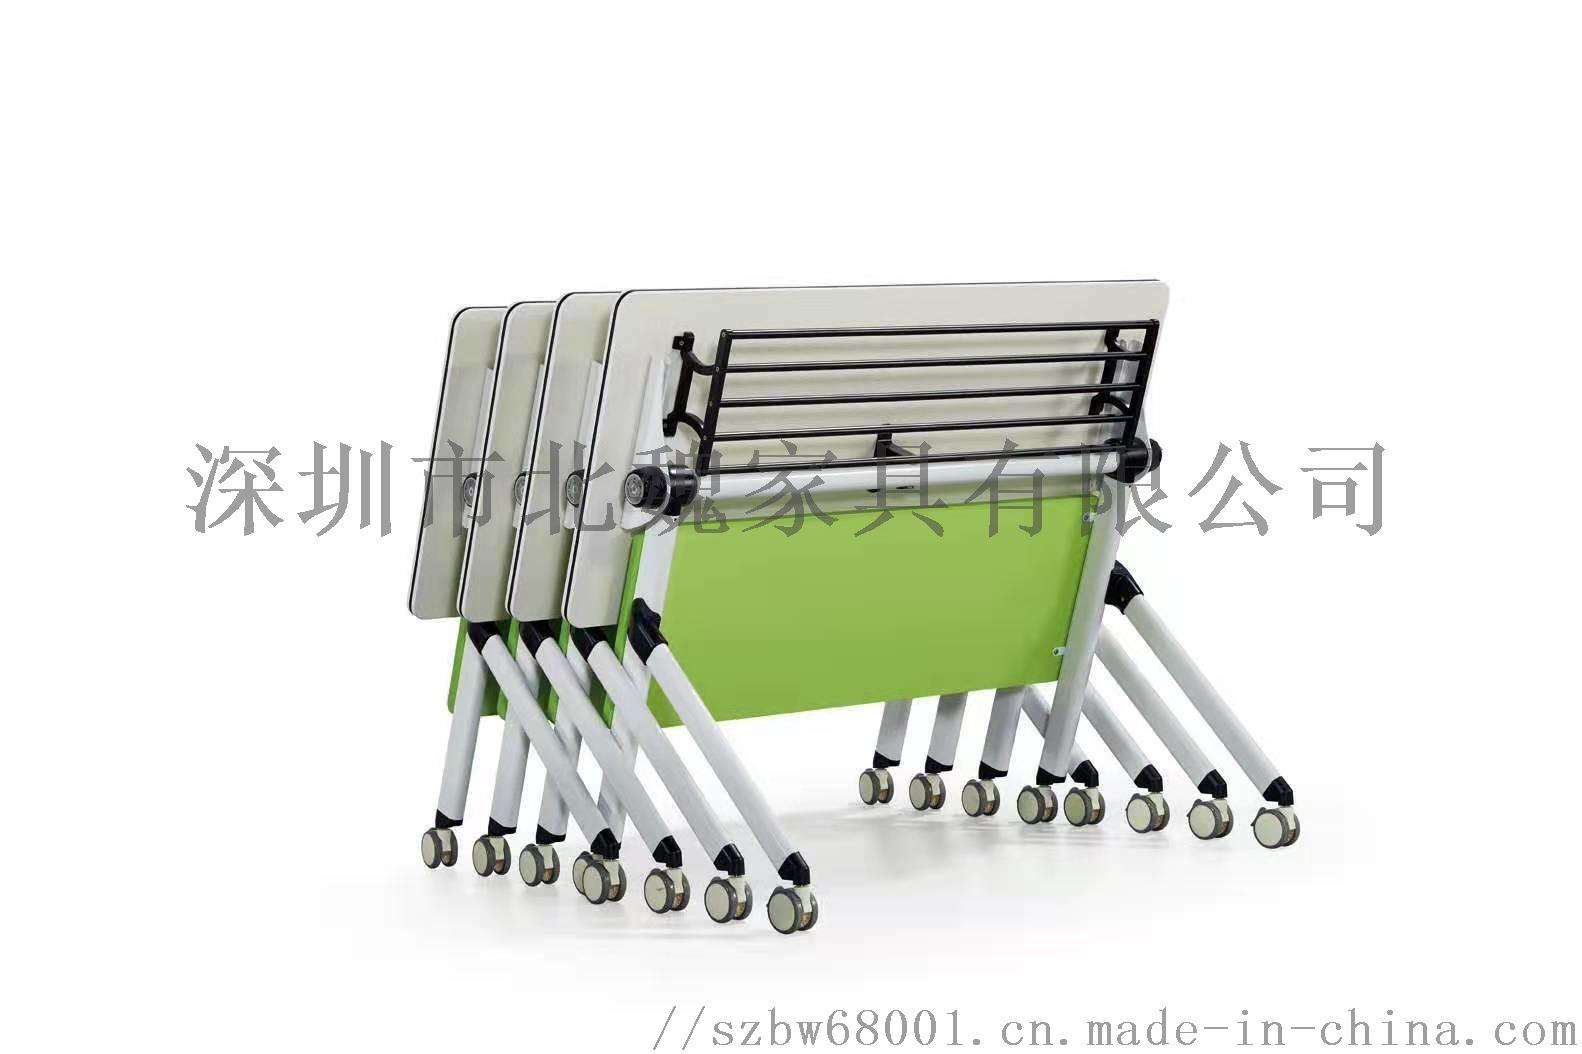 梯形书桌椅拼接梯形培训桌自由组合课桌椅124366195